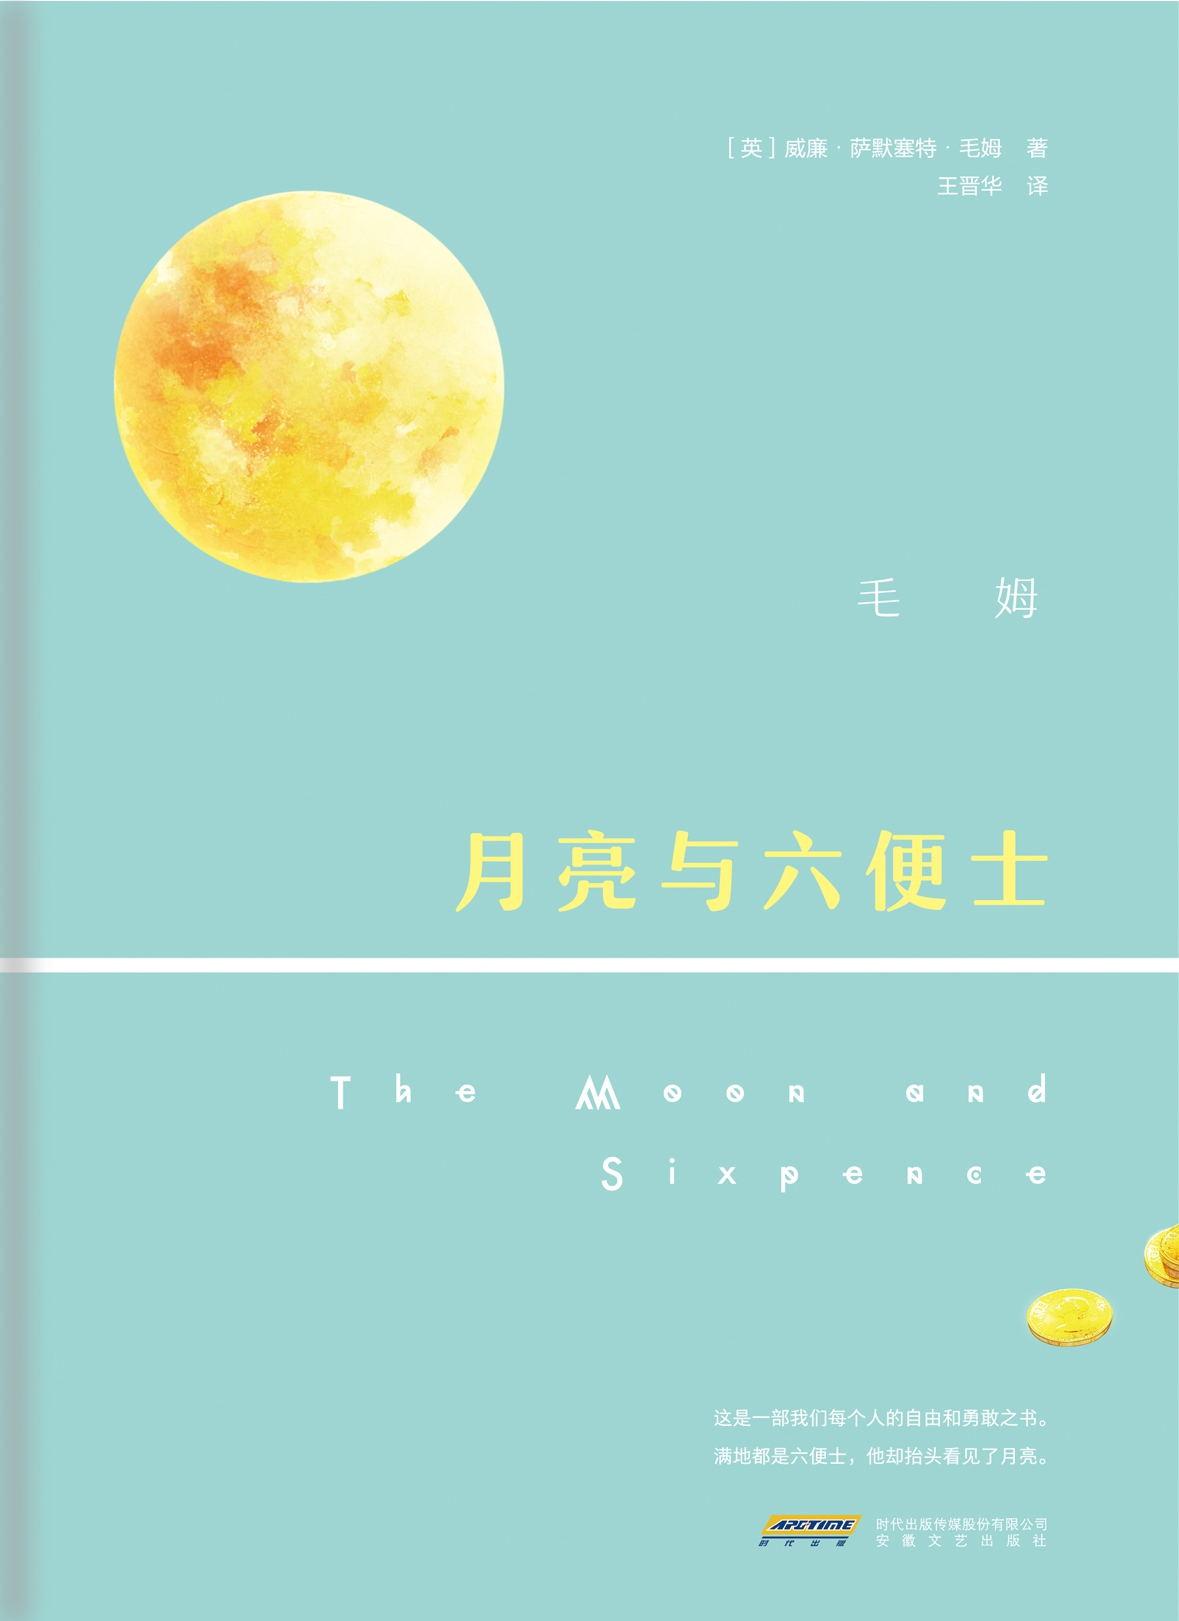 新版预售 月亮与六便士 夜读珍藏版,王晋华教授翻译,演员姚晨、王千源、董子健重磅推荐!这是一部我们每个人的自由和勇敢之书